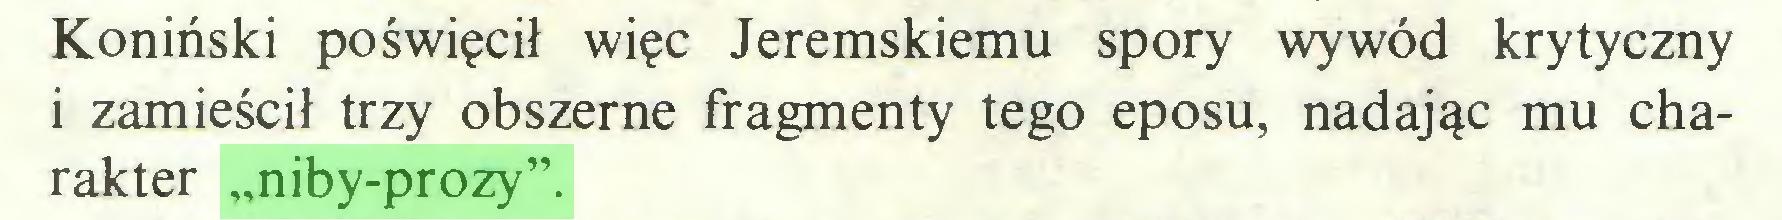 """(...) Koniński poświęcił więc Jeremskiemu spory wywód krytyczny i zamieścił trzy obszerne fragmenty tego eposu, nadając mu charakter """"niby-prozy""""..."""